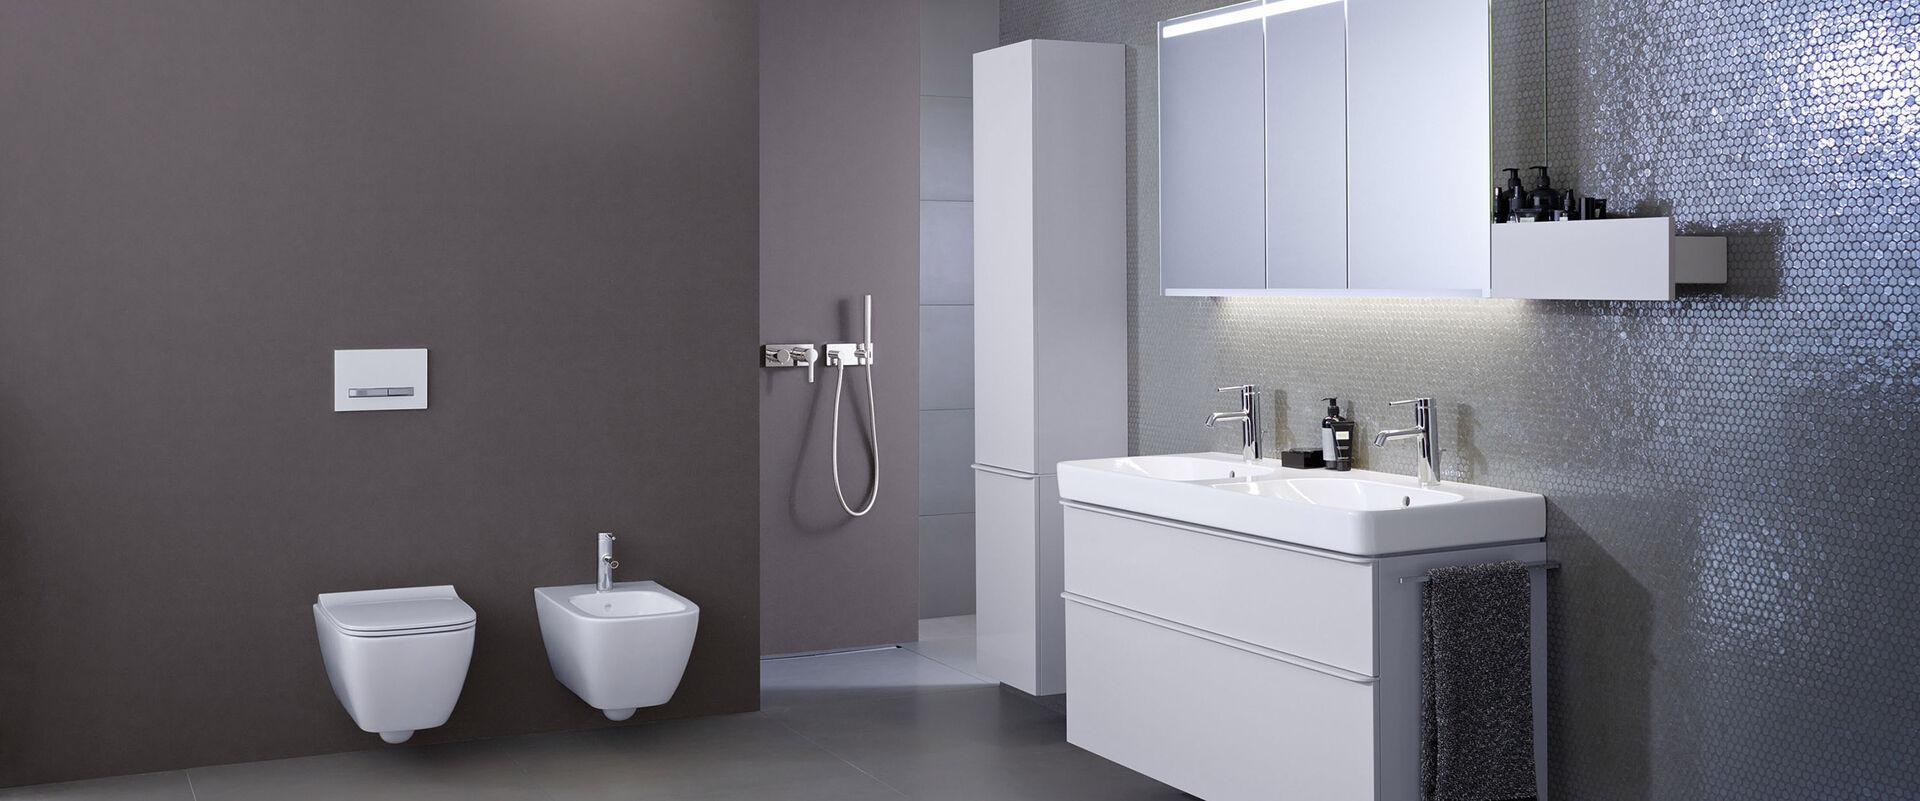 SPLASH-Bad   Badezimmer Ideen für das neue Traumbad